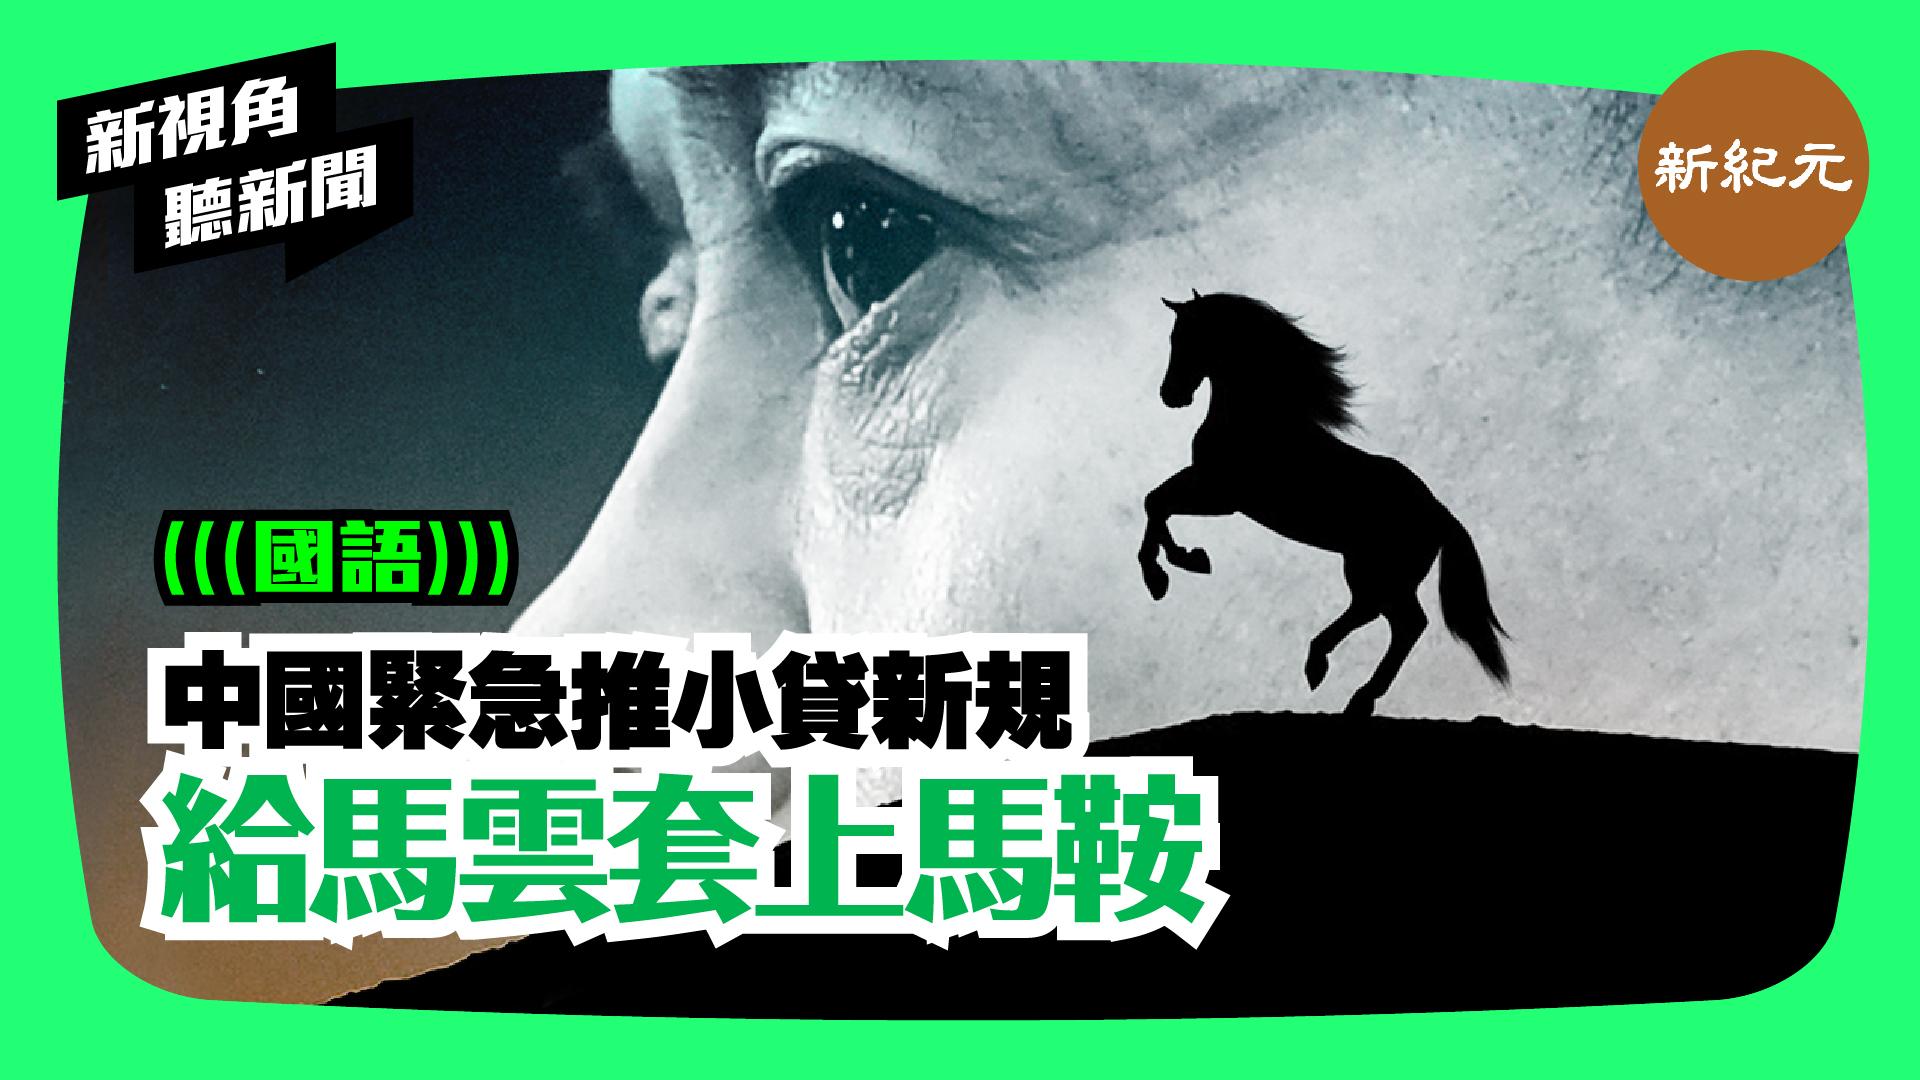 【新視角聽新聞#91】中國緊急推小貸新規. 給馬雲套上馬鞍